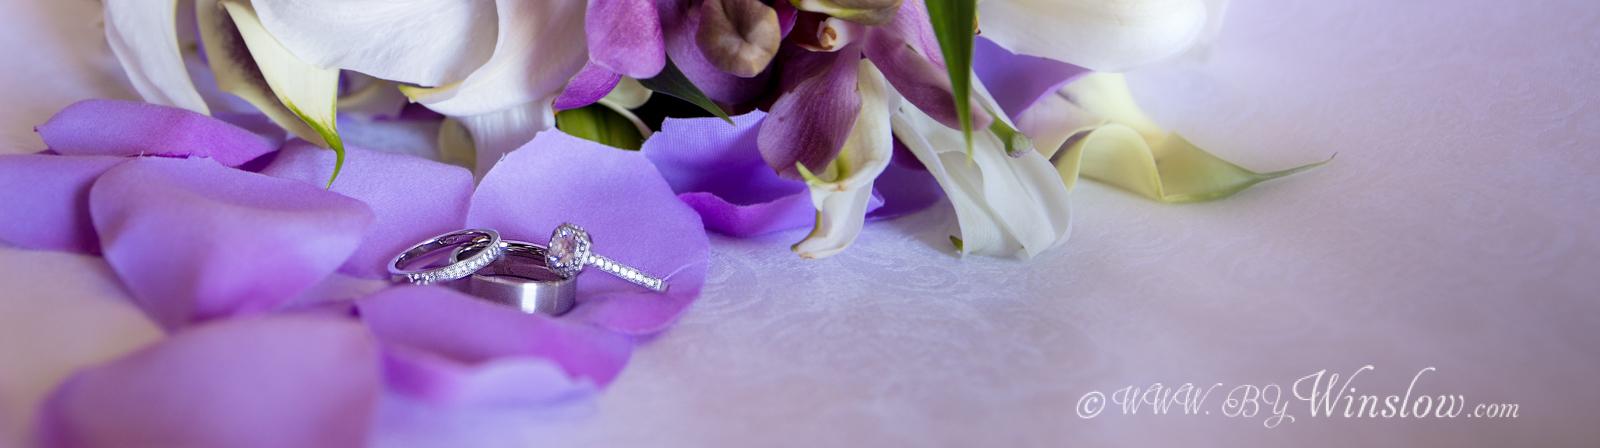 Garret Winslow- bywinslow.com Weddings130903-G8W_6298-Edit-Purple-Rings-16x4